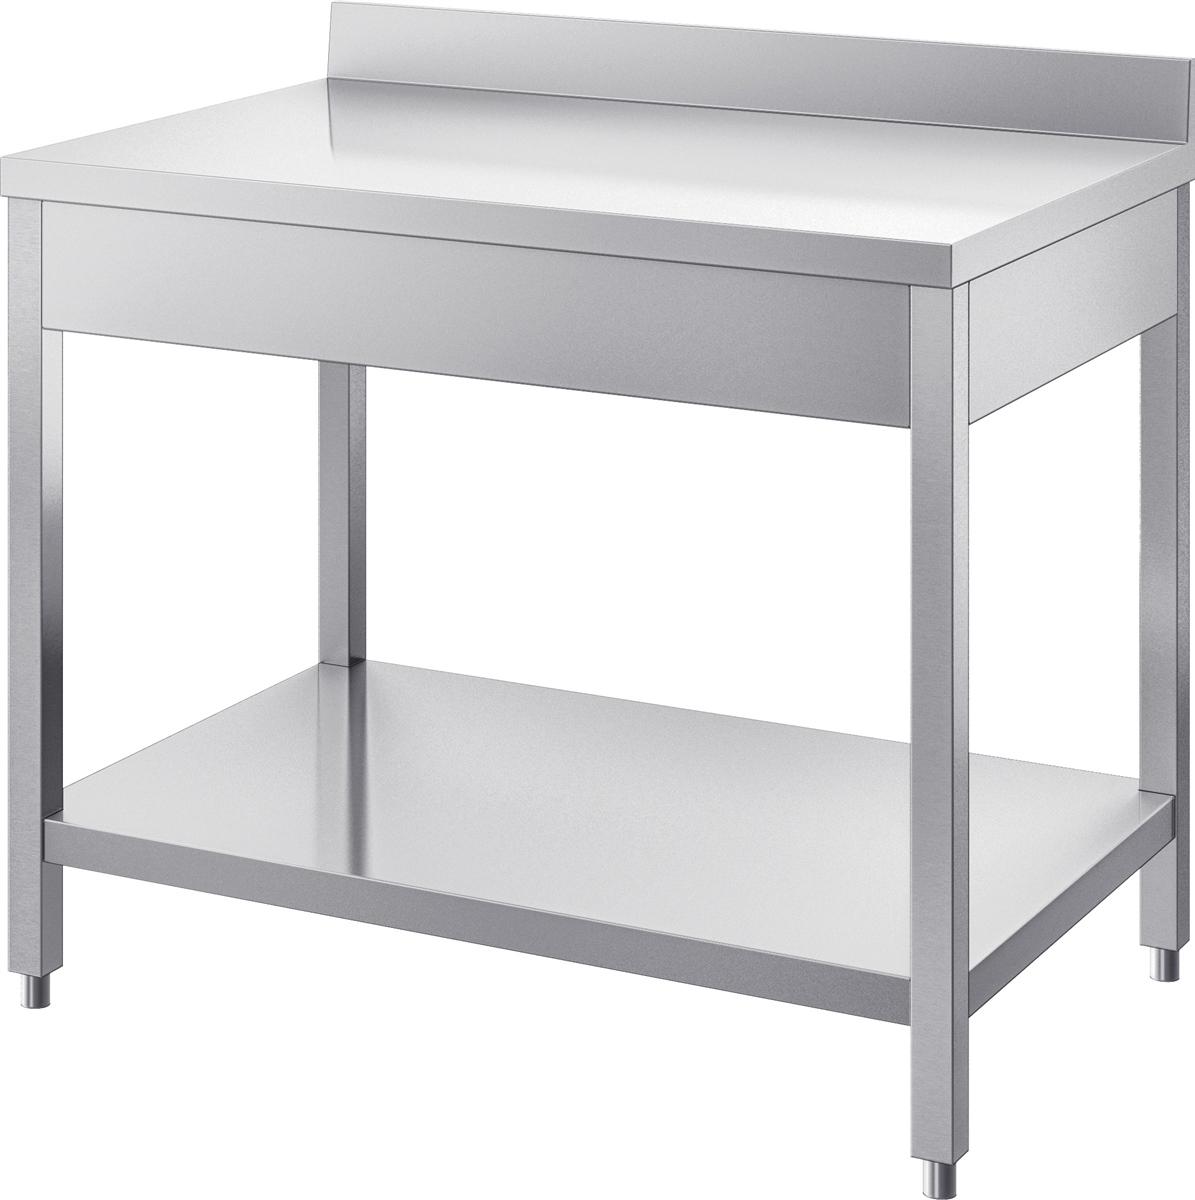 gam gastro edelstahl arbeitstisch tisch 100 cm breit 1 ablagefl che abschlusskante neu. Black Bedroom Furniture Sets. Home Design Ideas